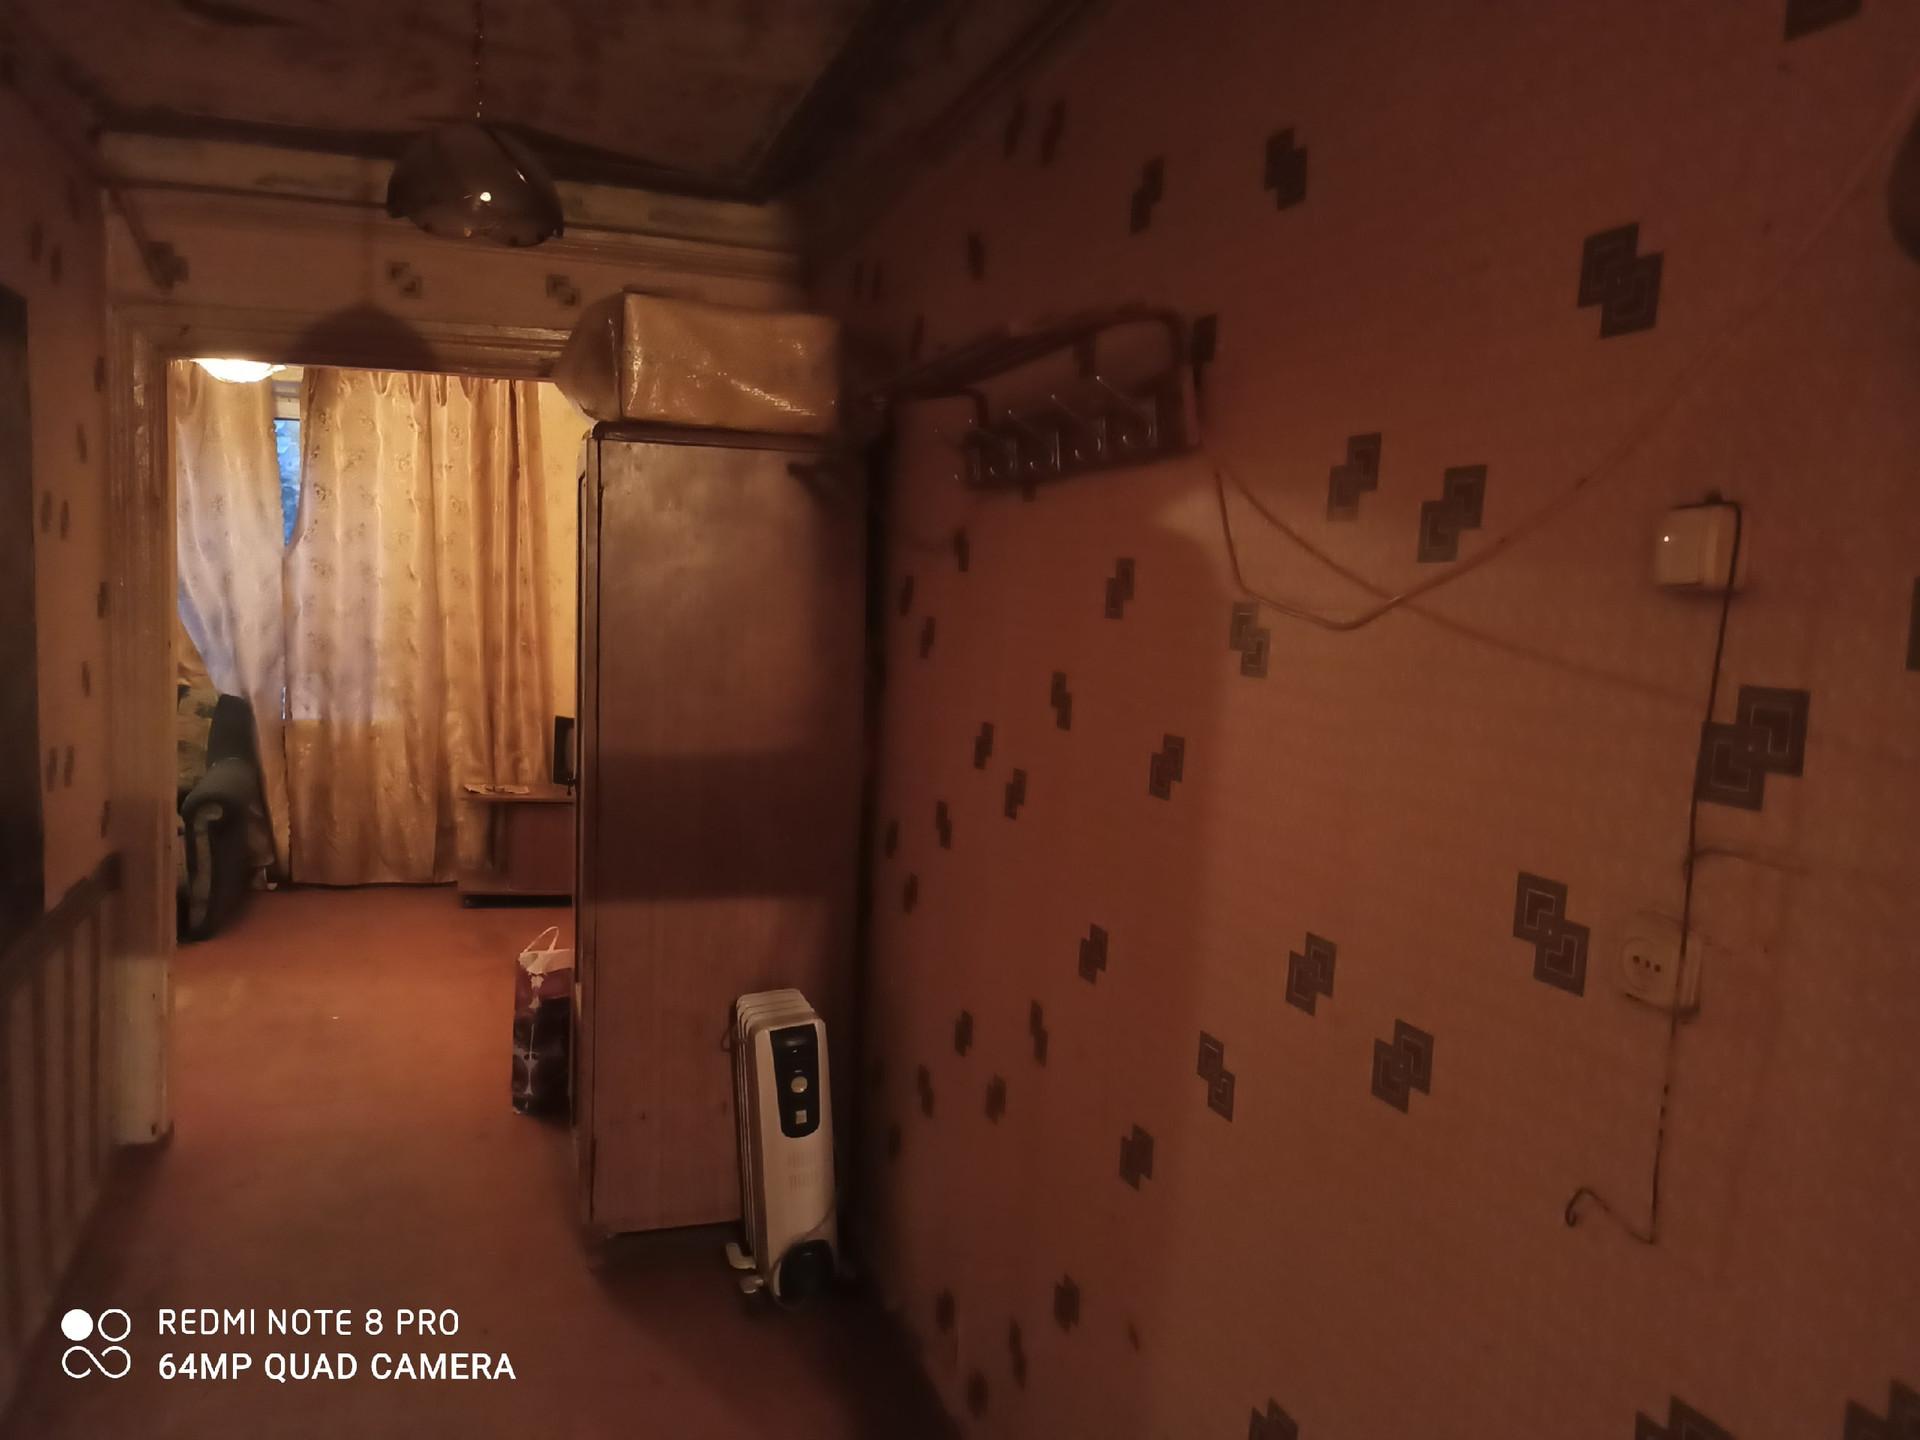 или почти недвижимость таганрога жакты с фото следует либо скрыть